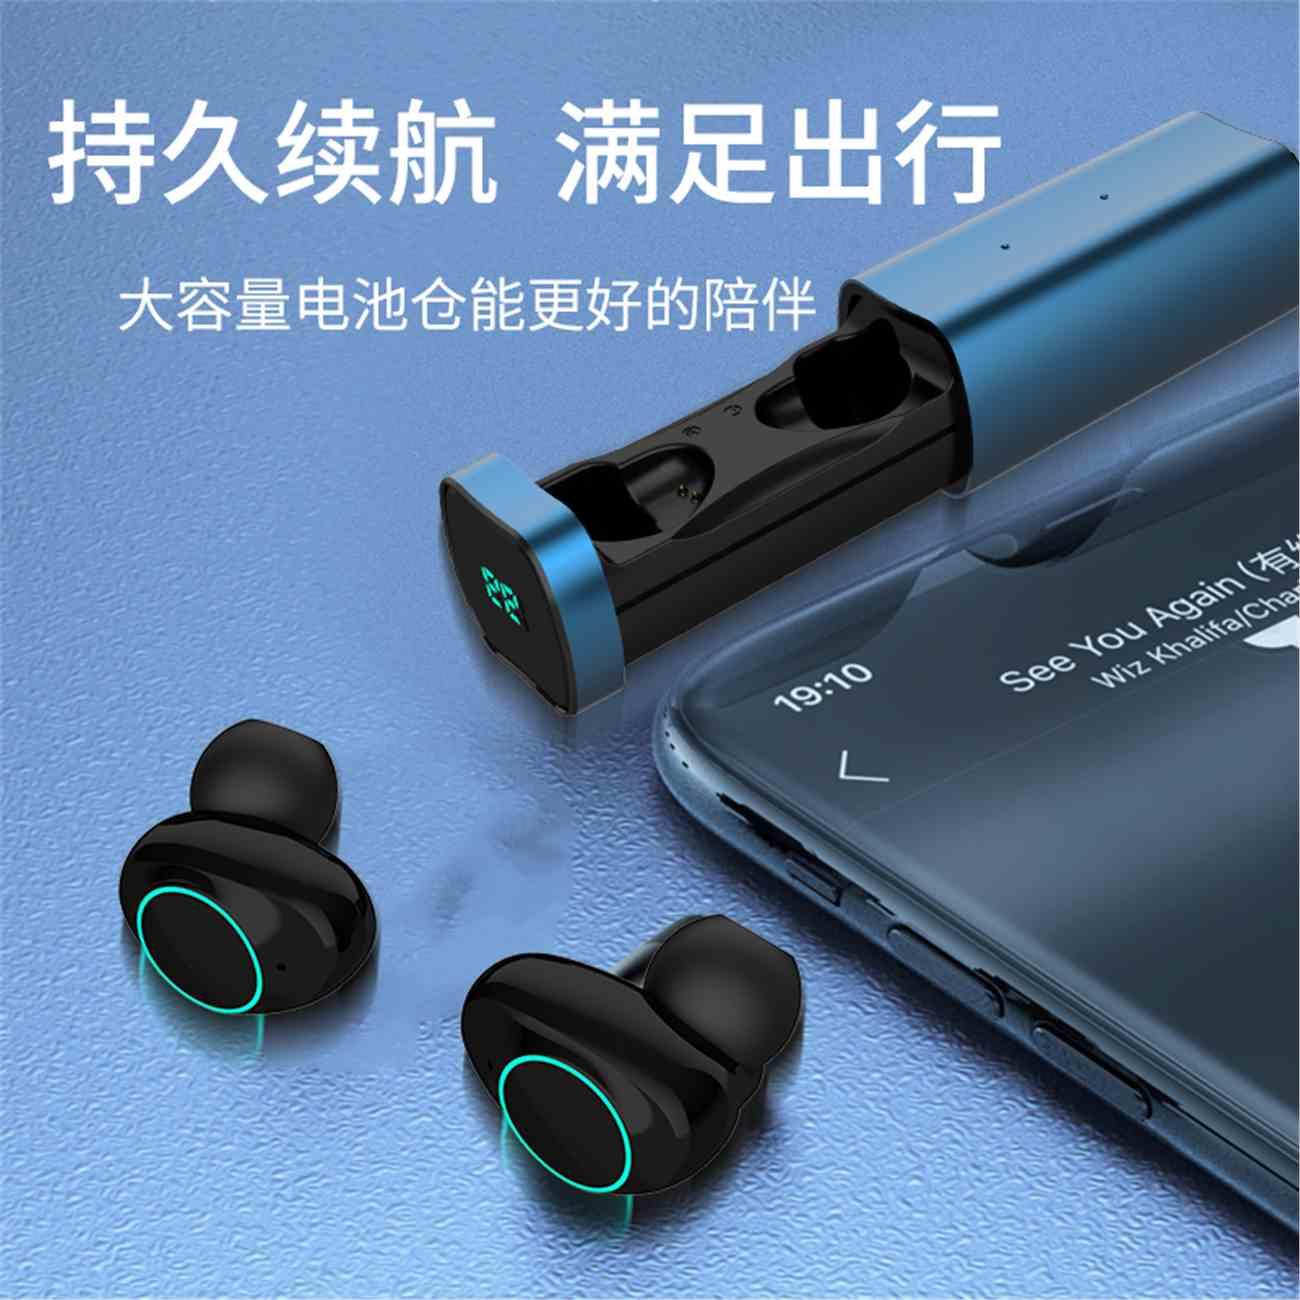 力量威 运动耳机G9 蓝牙5.0/无损智能降噪/生活级防水